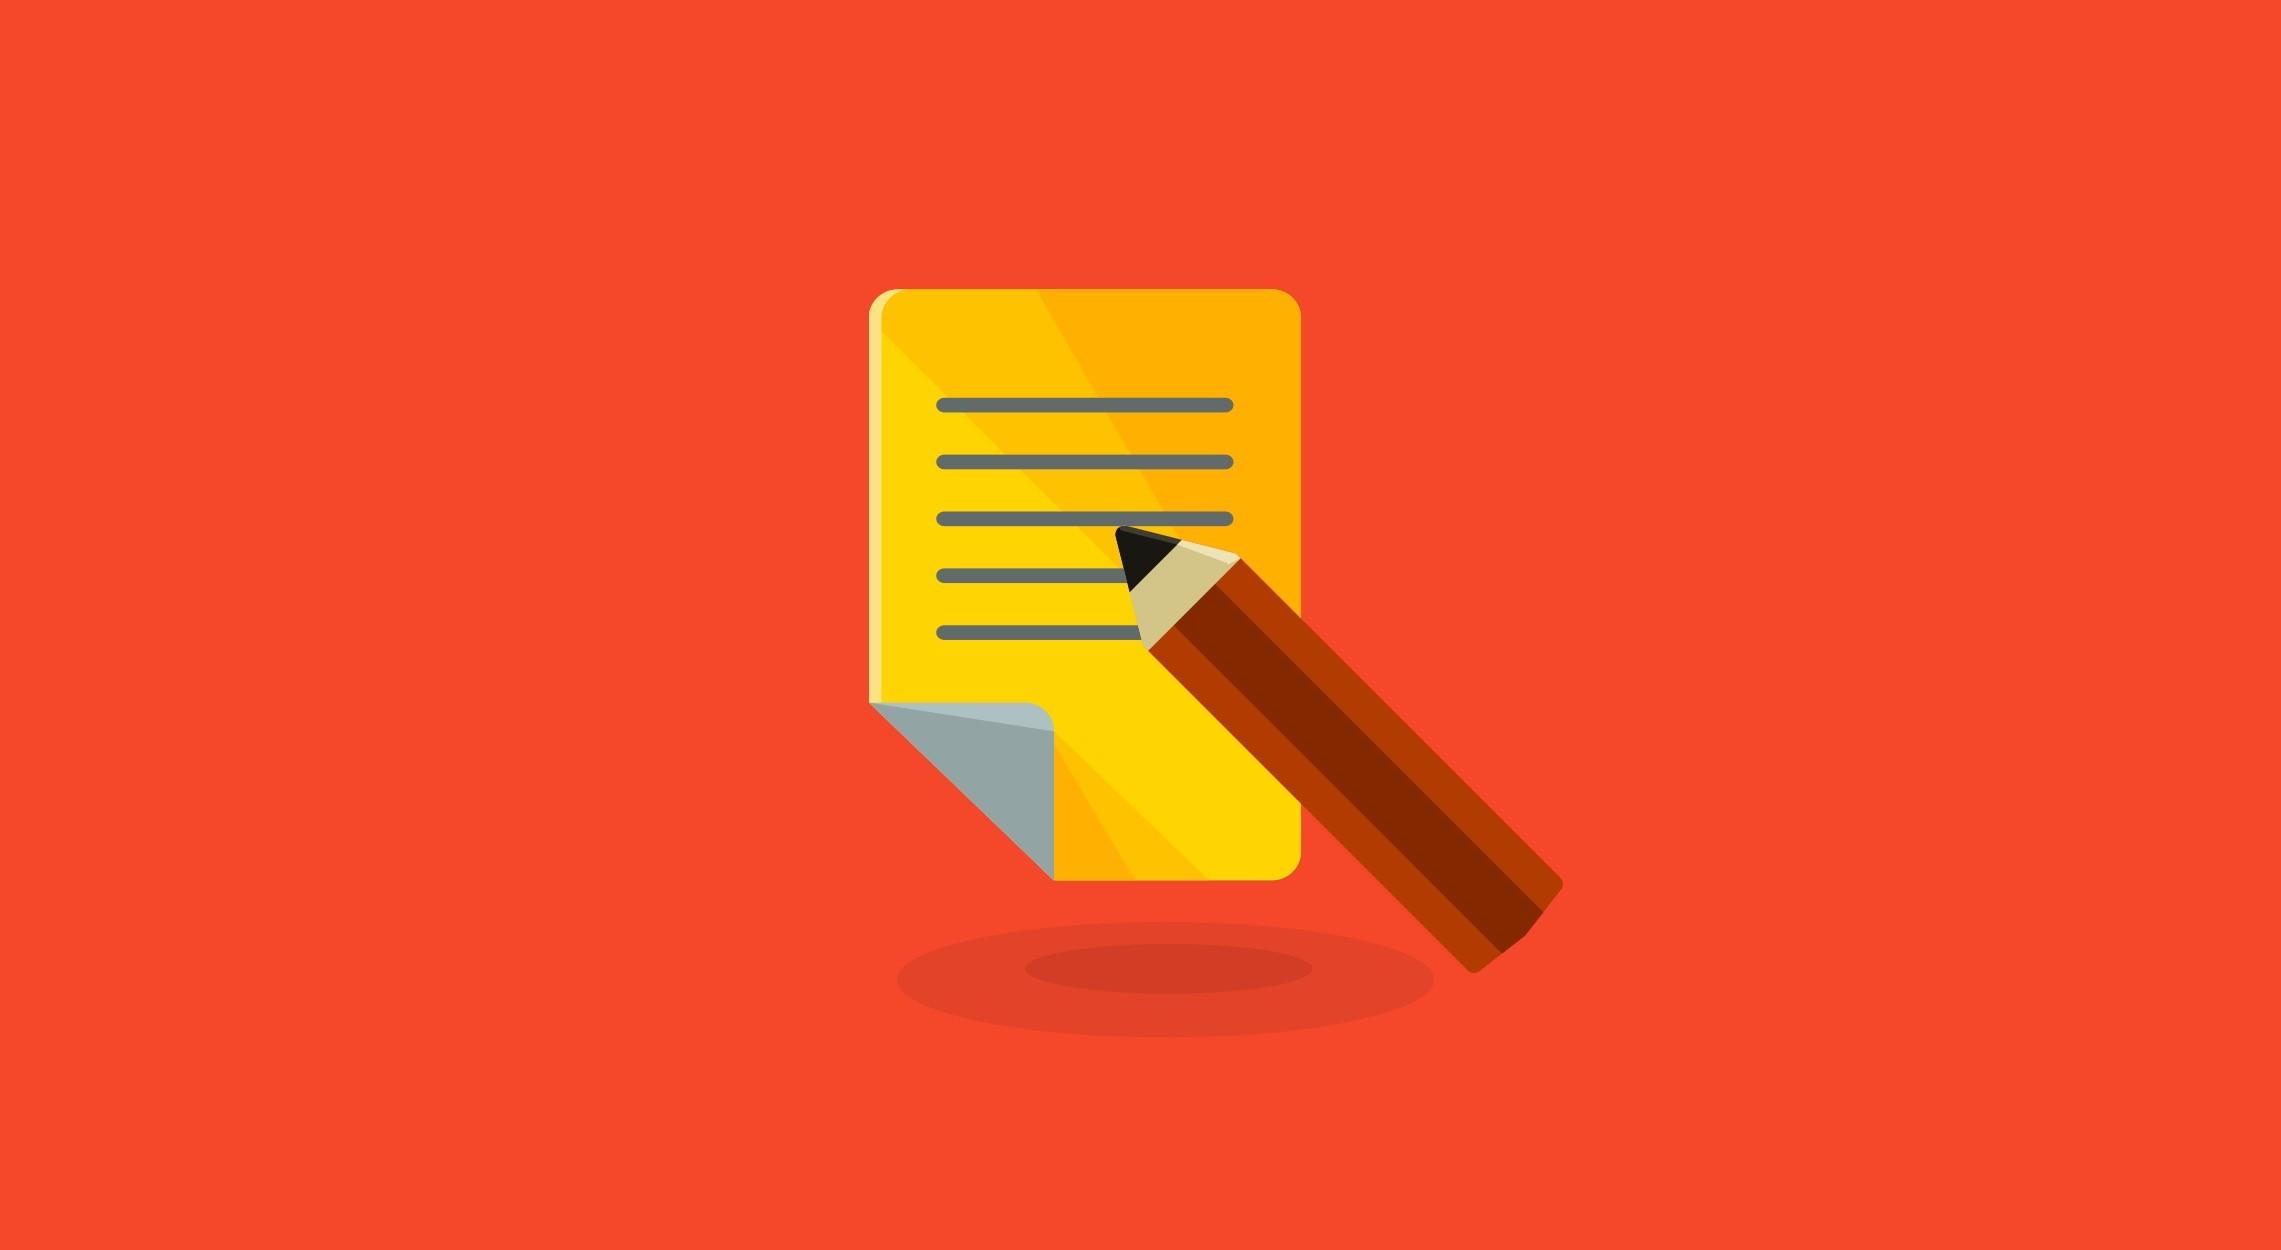 قاعده استفاده از حروف یزرگ، گرافیک و استفاده از عناصر چشم نواز